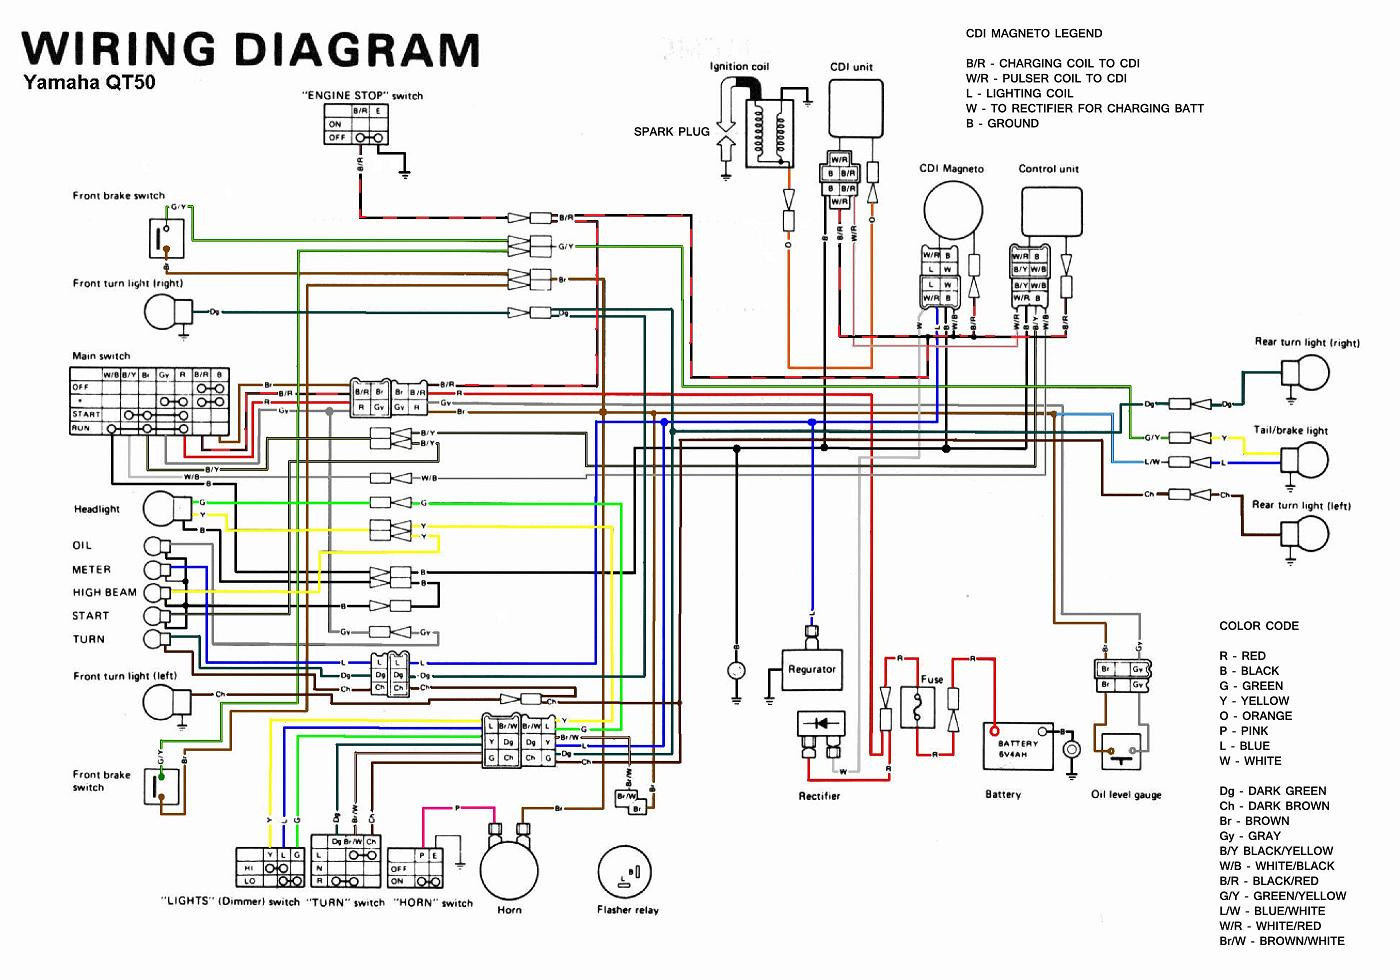 yamaha dt 250 wiring diagram repair manual Xs850 Wiring Diagram